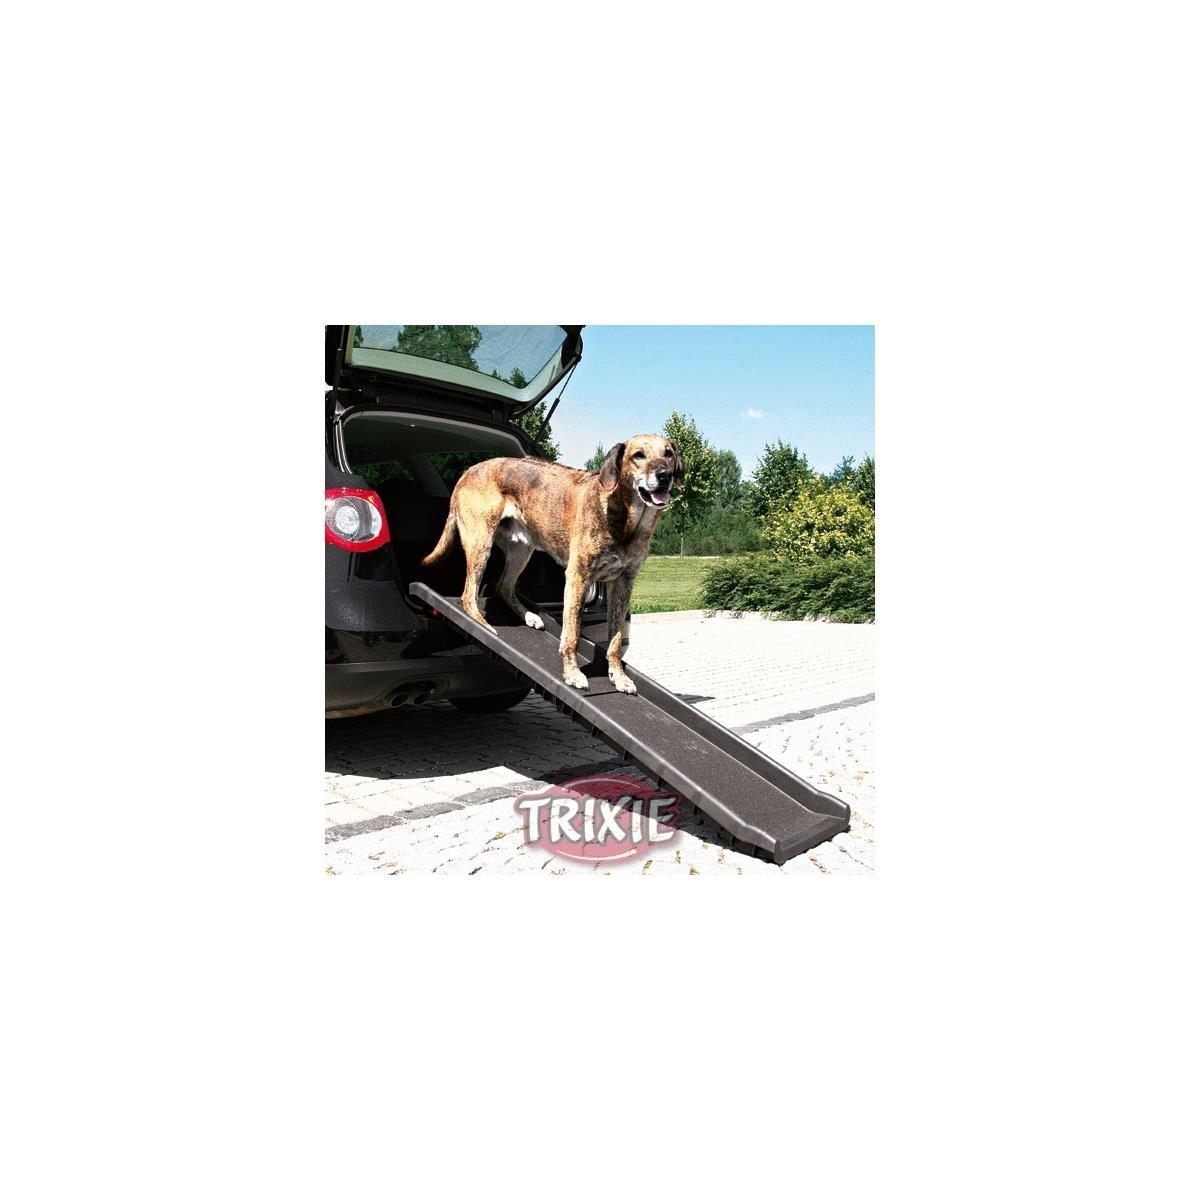 Trixie Klapp-Rampe schwarz 40x156 cm für Auto 3939